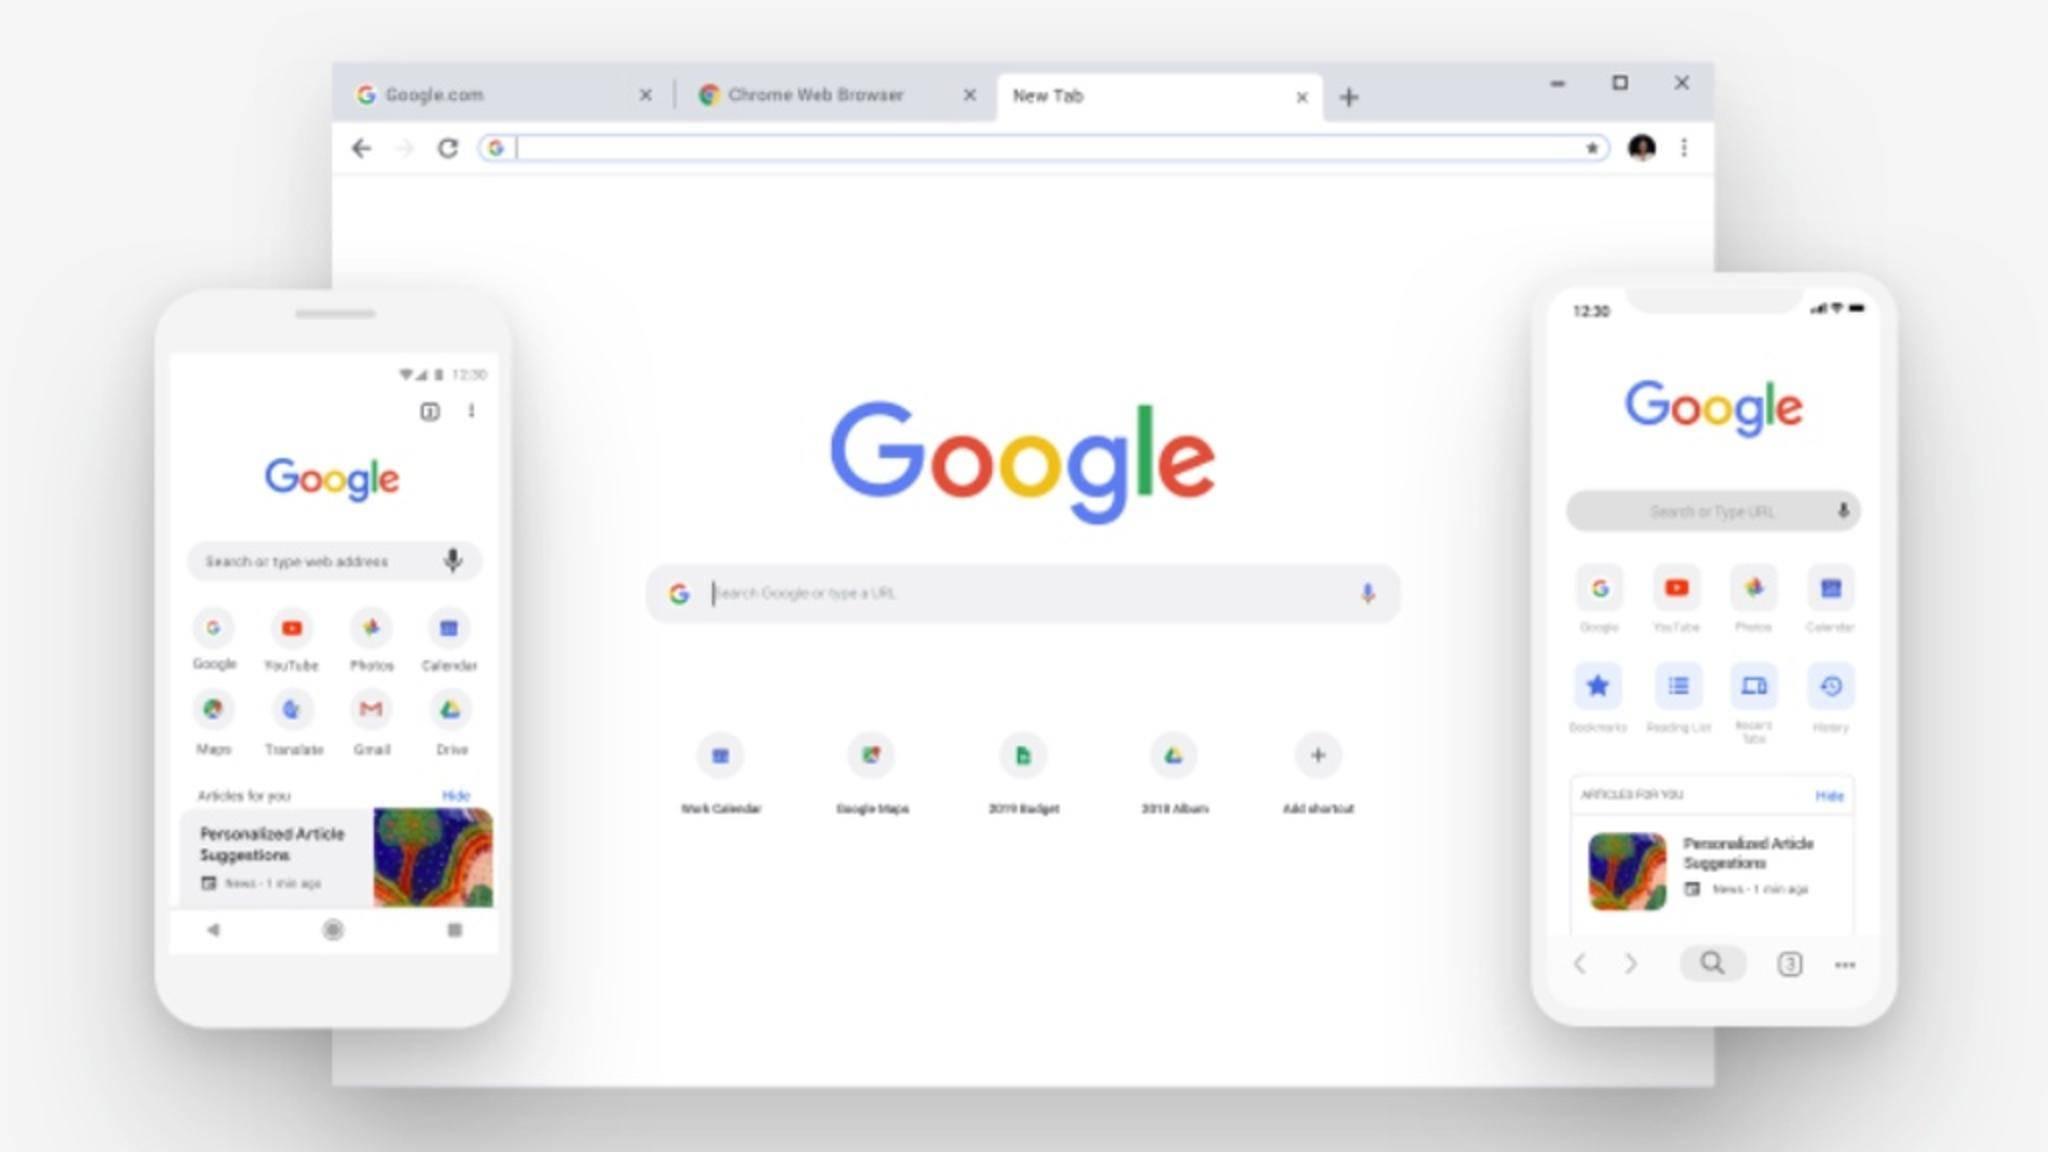 Das neue Chrome 69 setzt den minimalistischen Google-Stil fort.